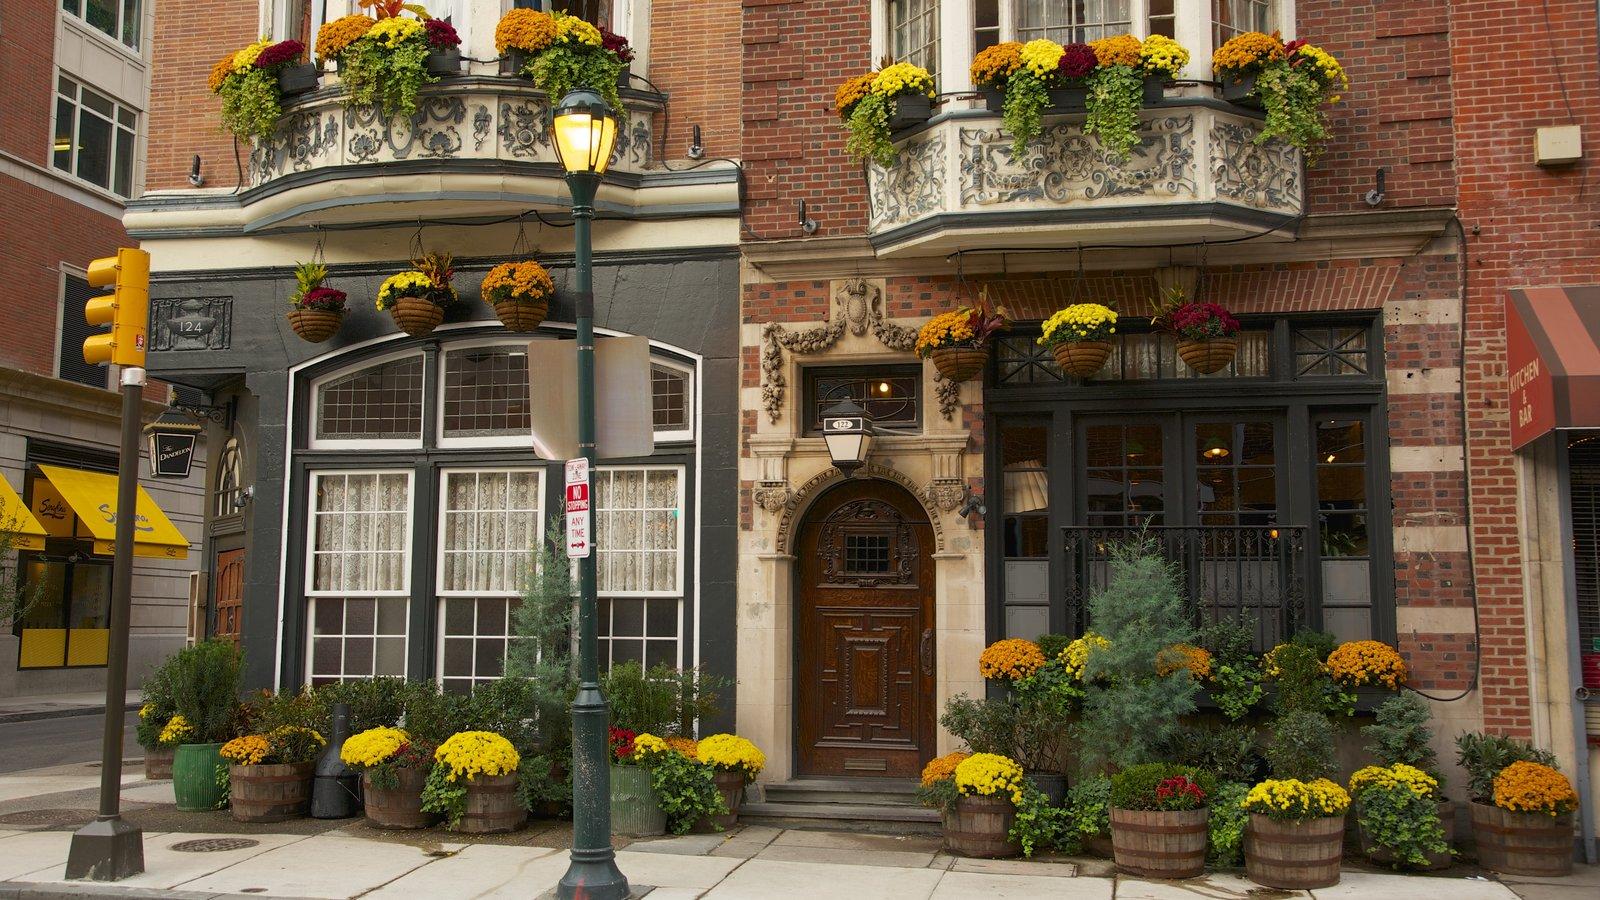 Filadélfia mostrando cenas de rua, uma casa e flores